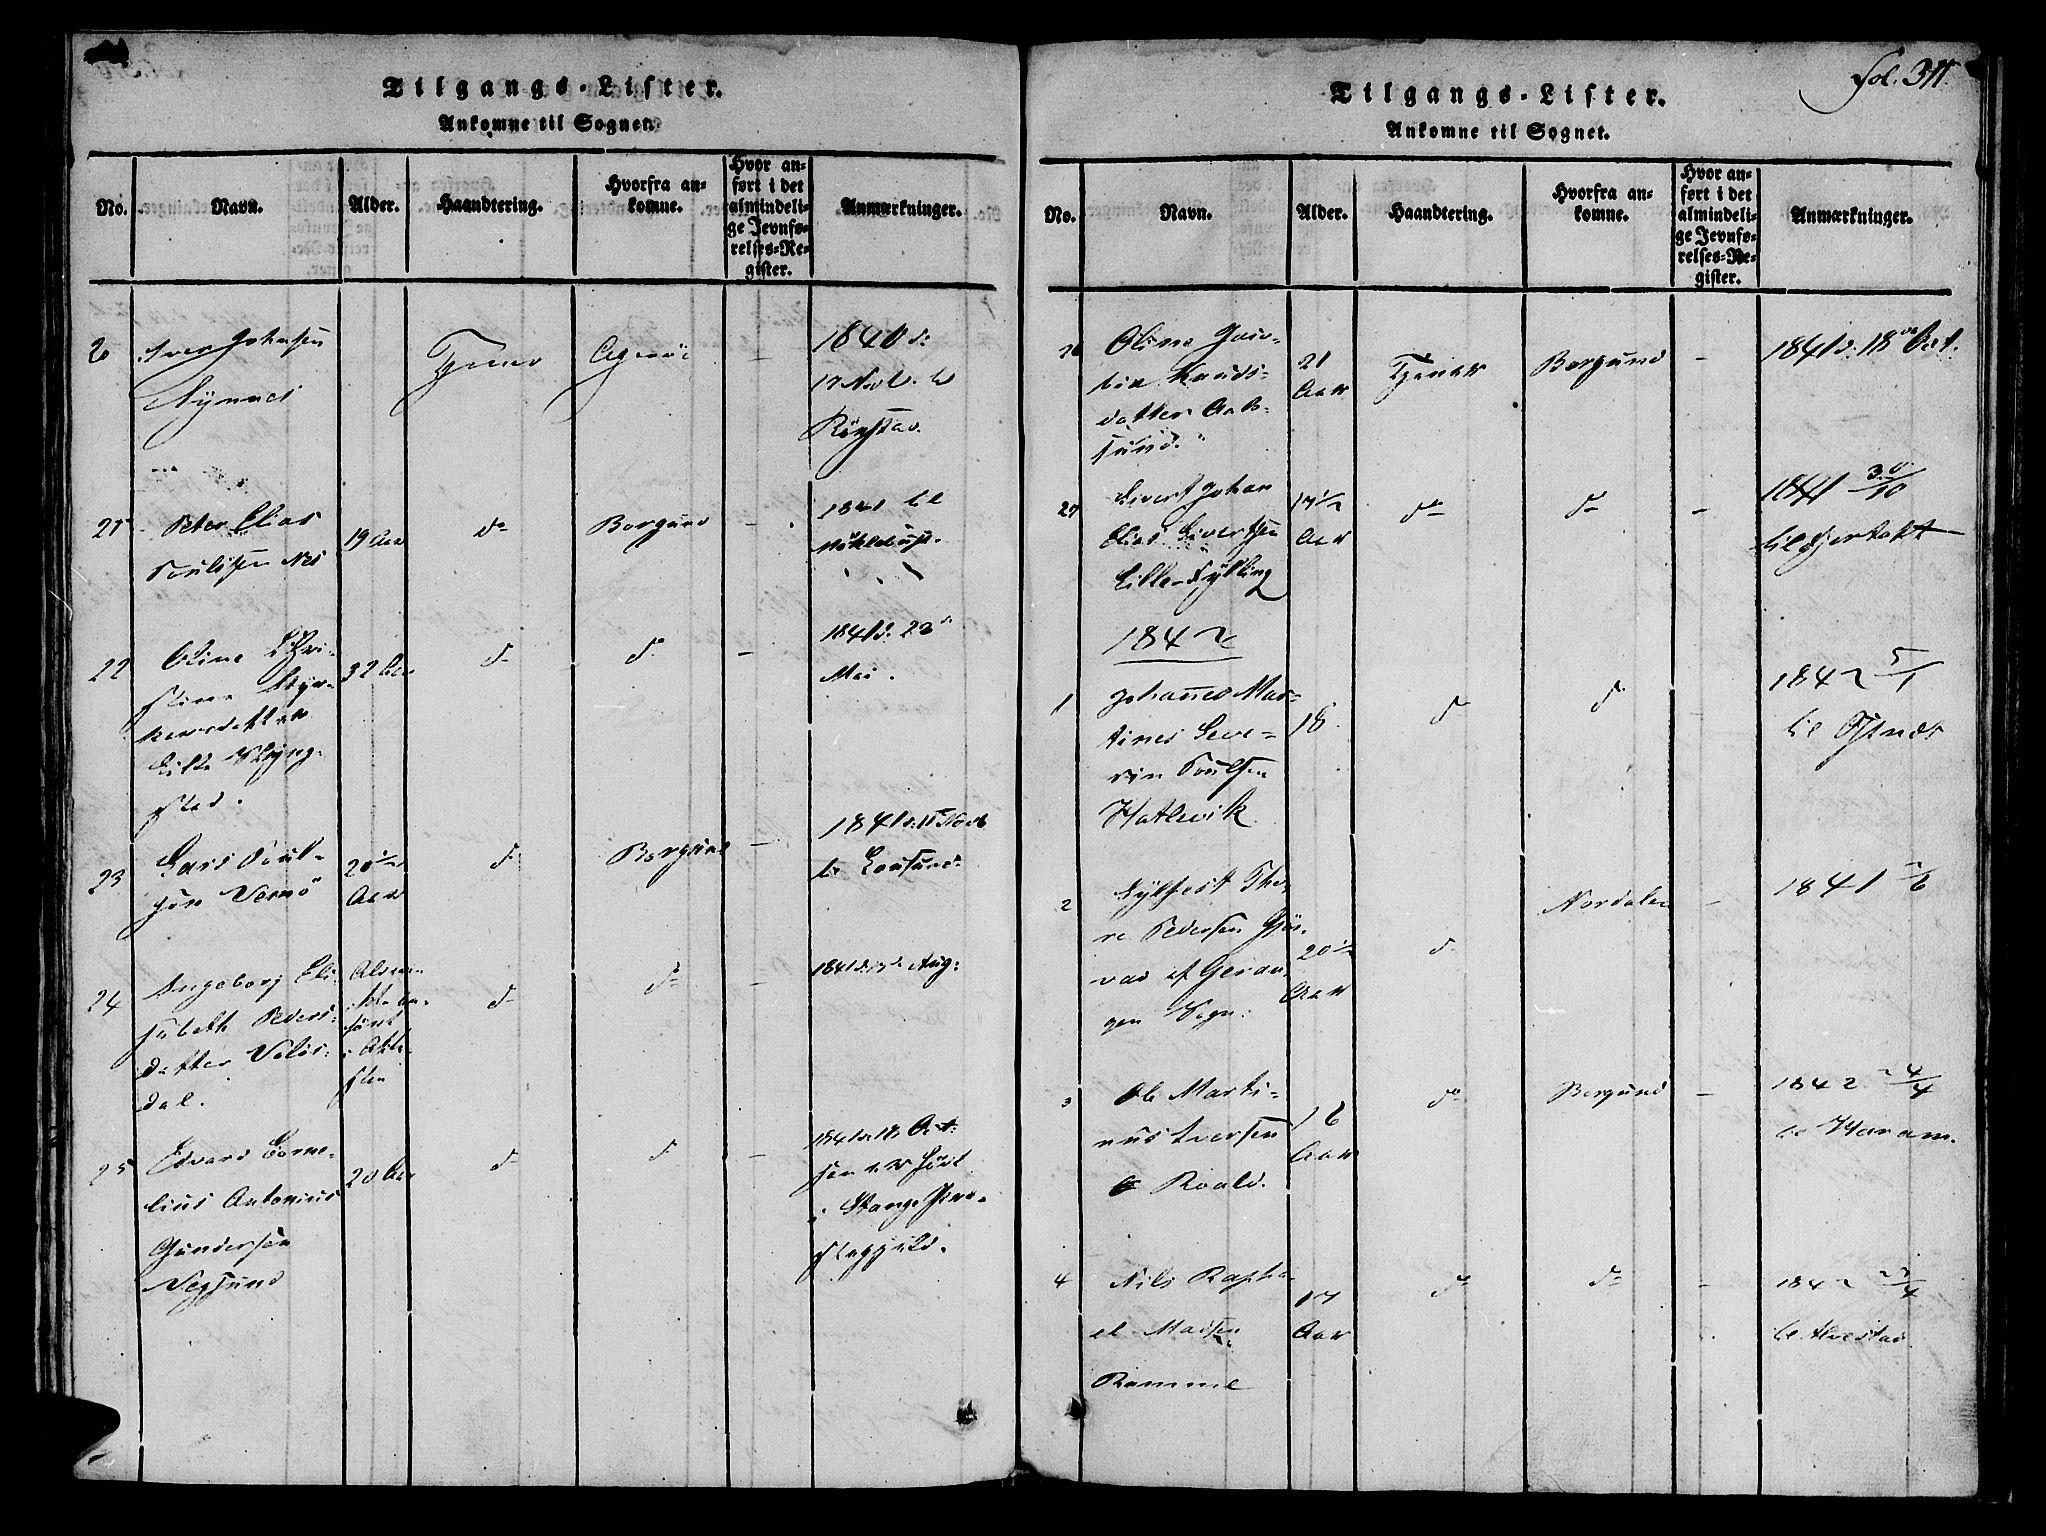 SAT, Ministerialprotokoller, klokkerbøker og fødselsregistre - Møre og Romsdal, 536/L0495: Ministerialbok nr. 536A04, 1818-1847, s. 311